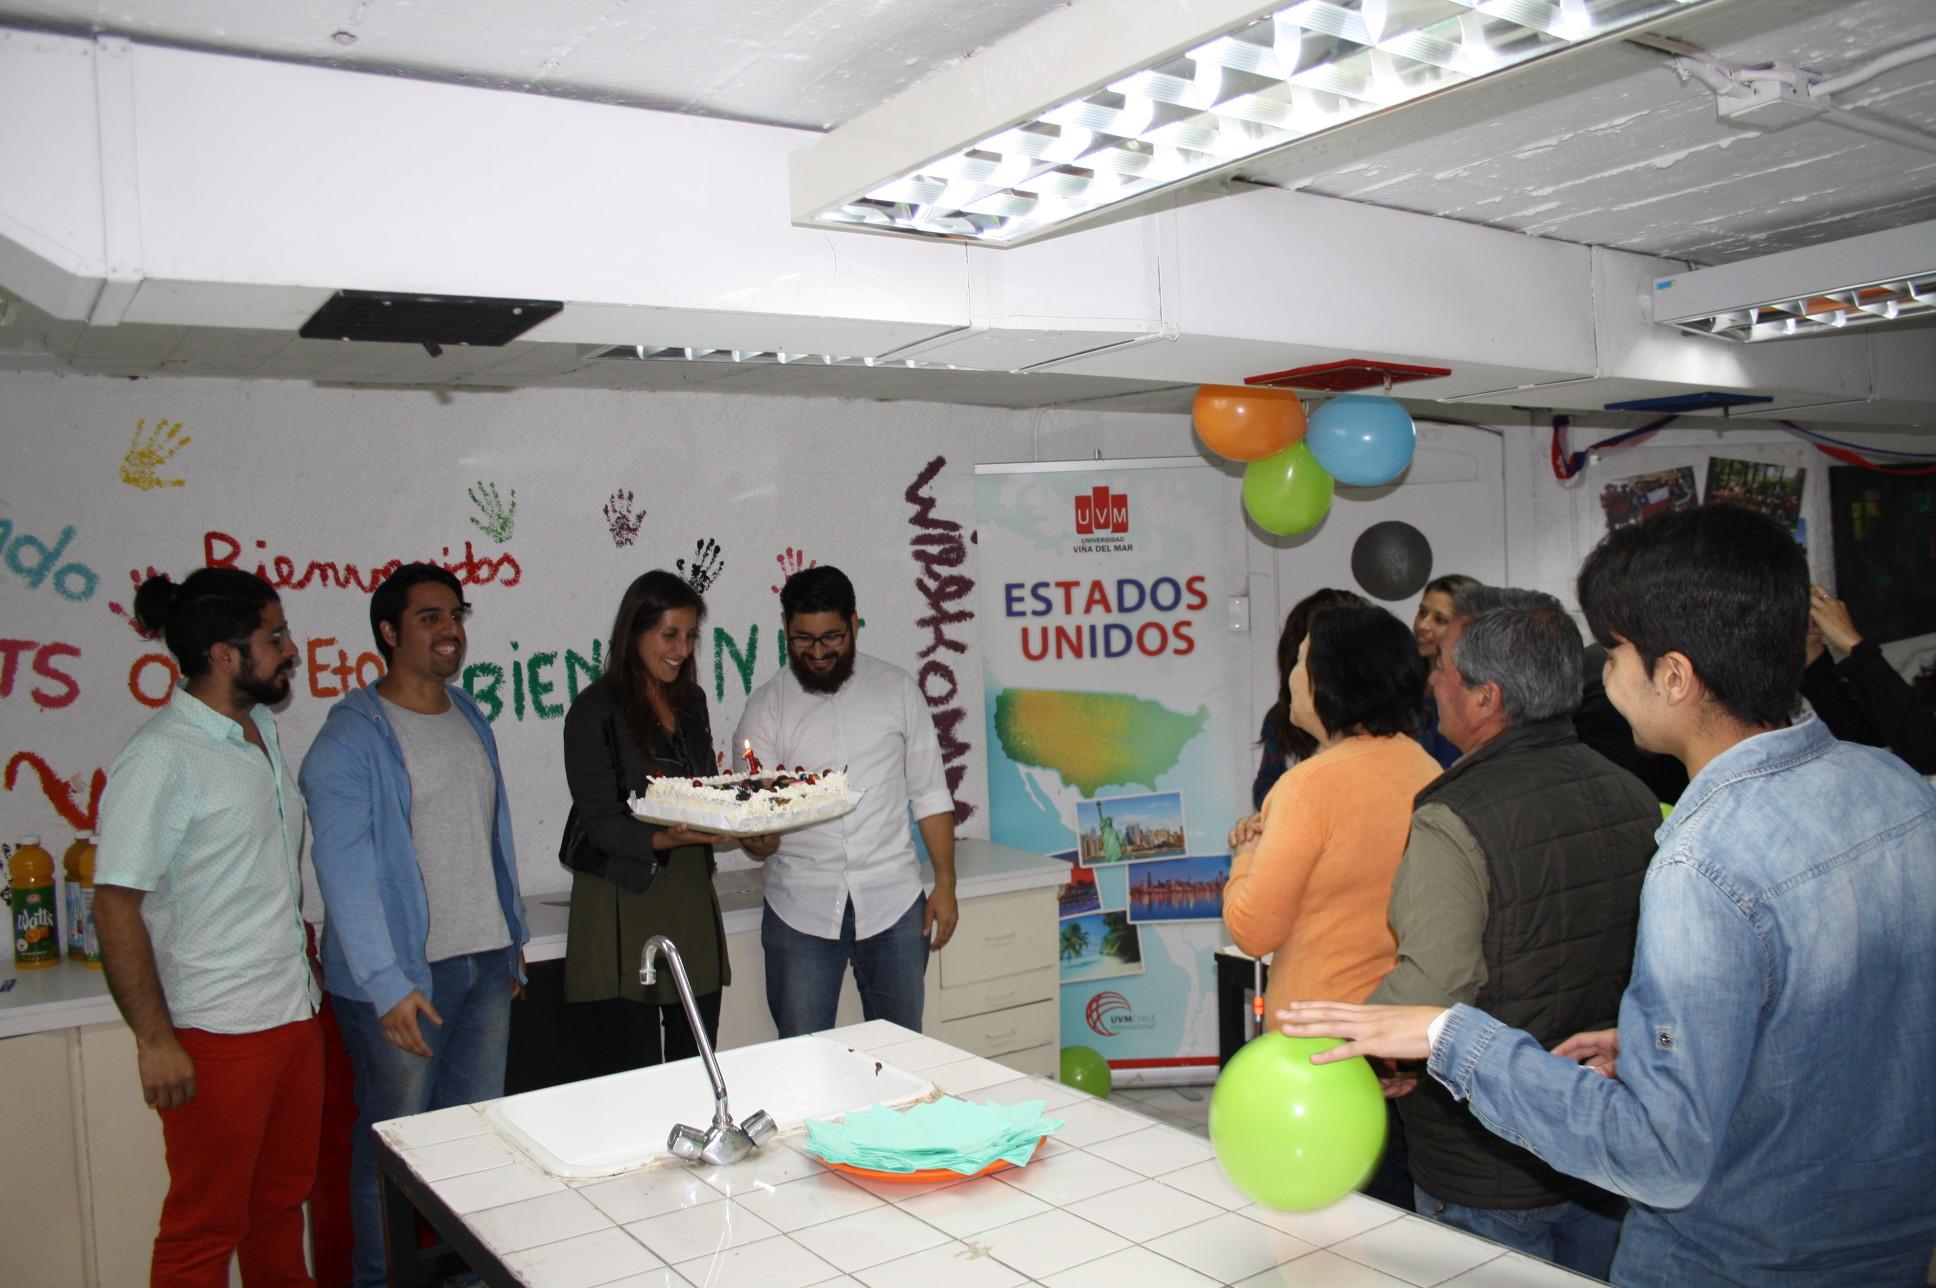 Equipo de ONG Moviendo junto a los asistentes de la celebración.